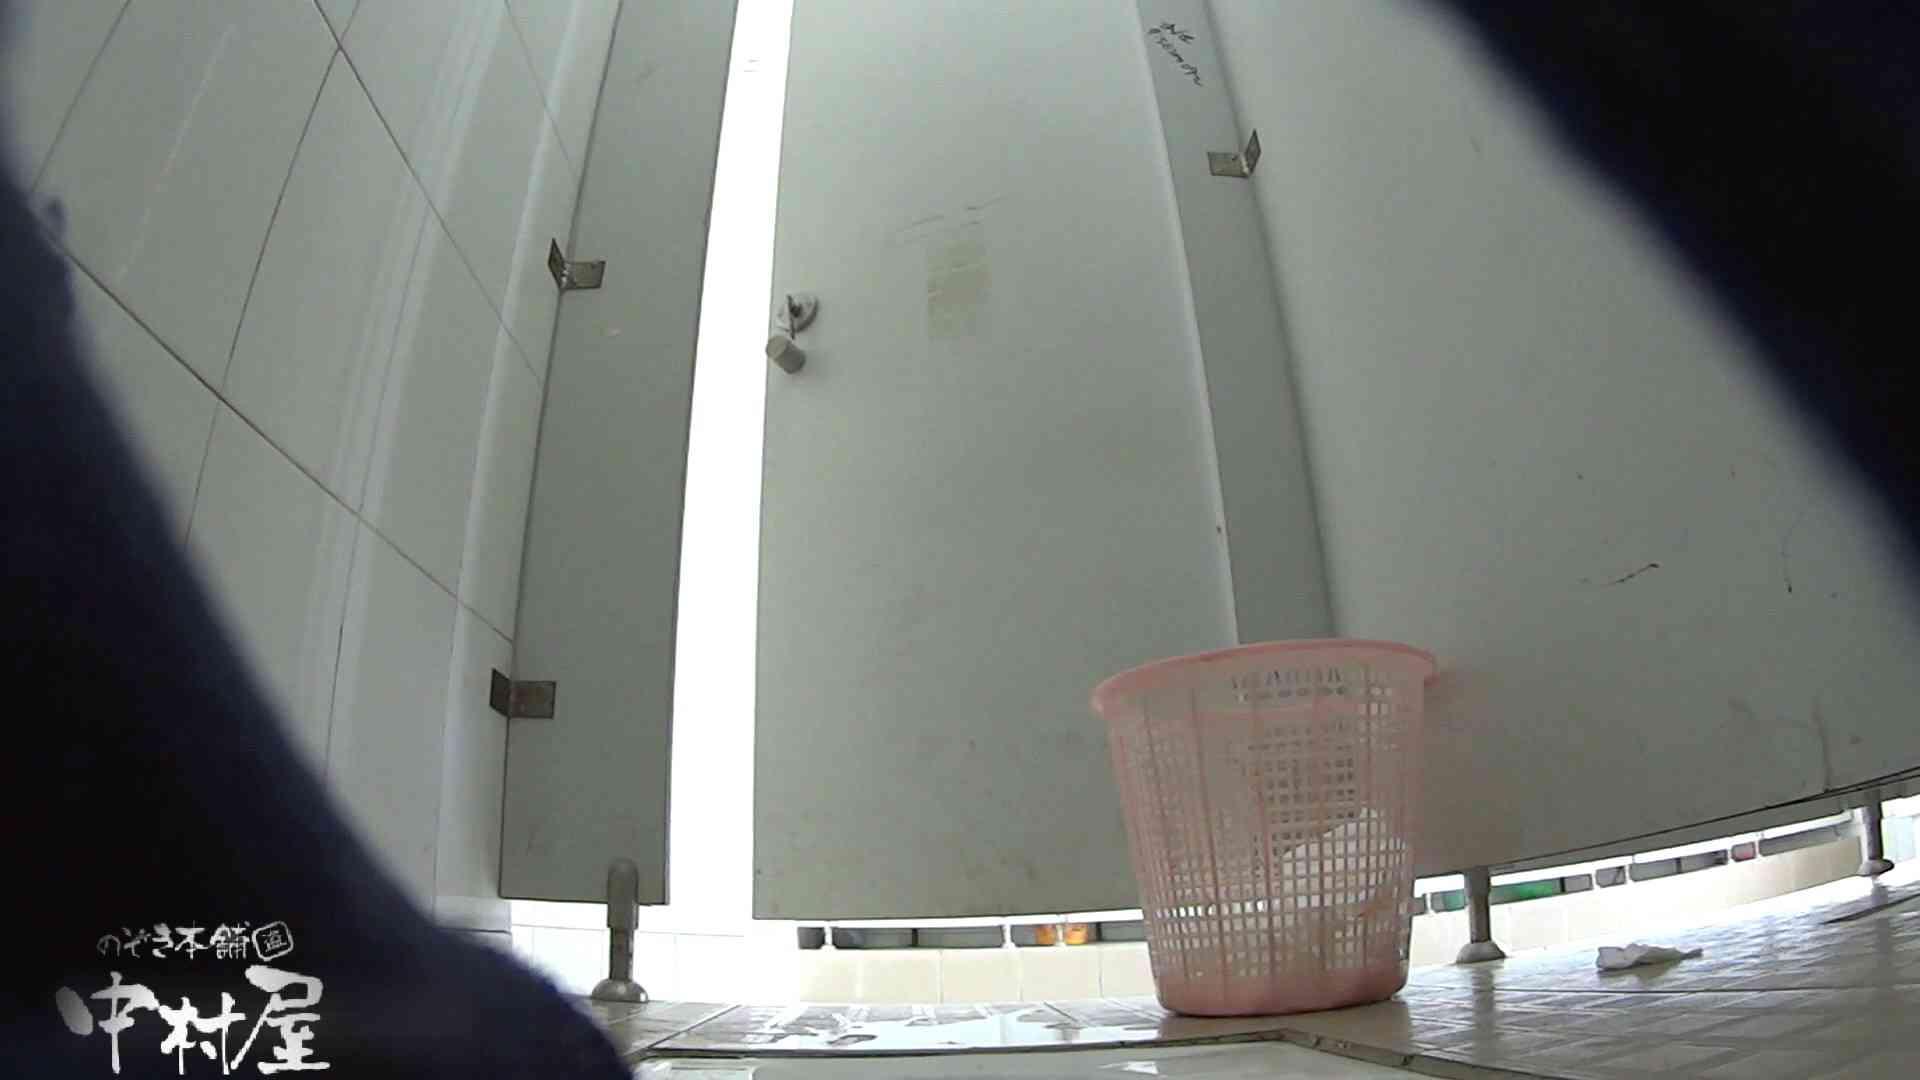 名大学休憩時間の洗面所事情01 盗撮師作品 盗み撮り動画キャプチャ 95pic 26